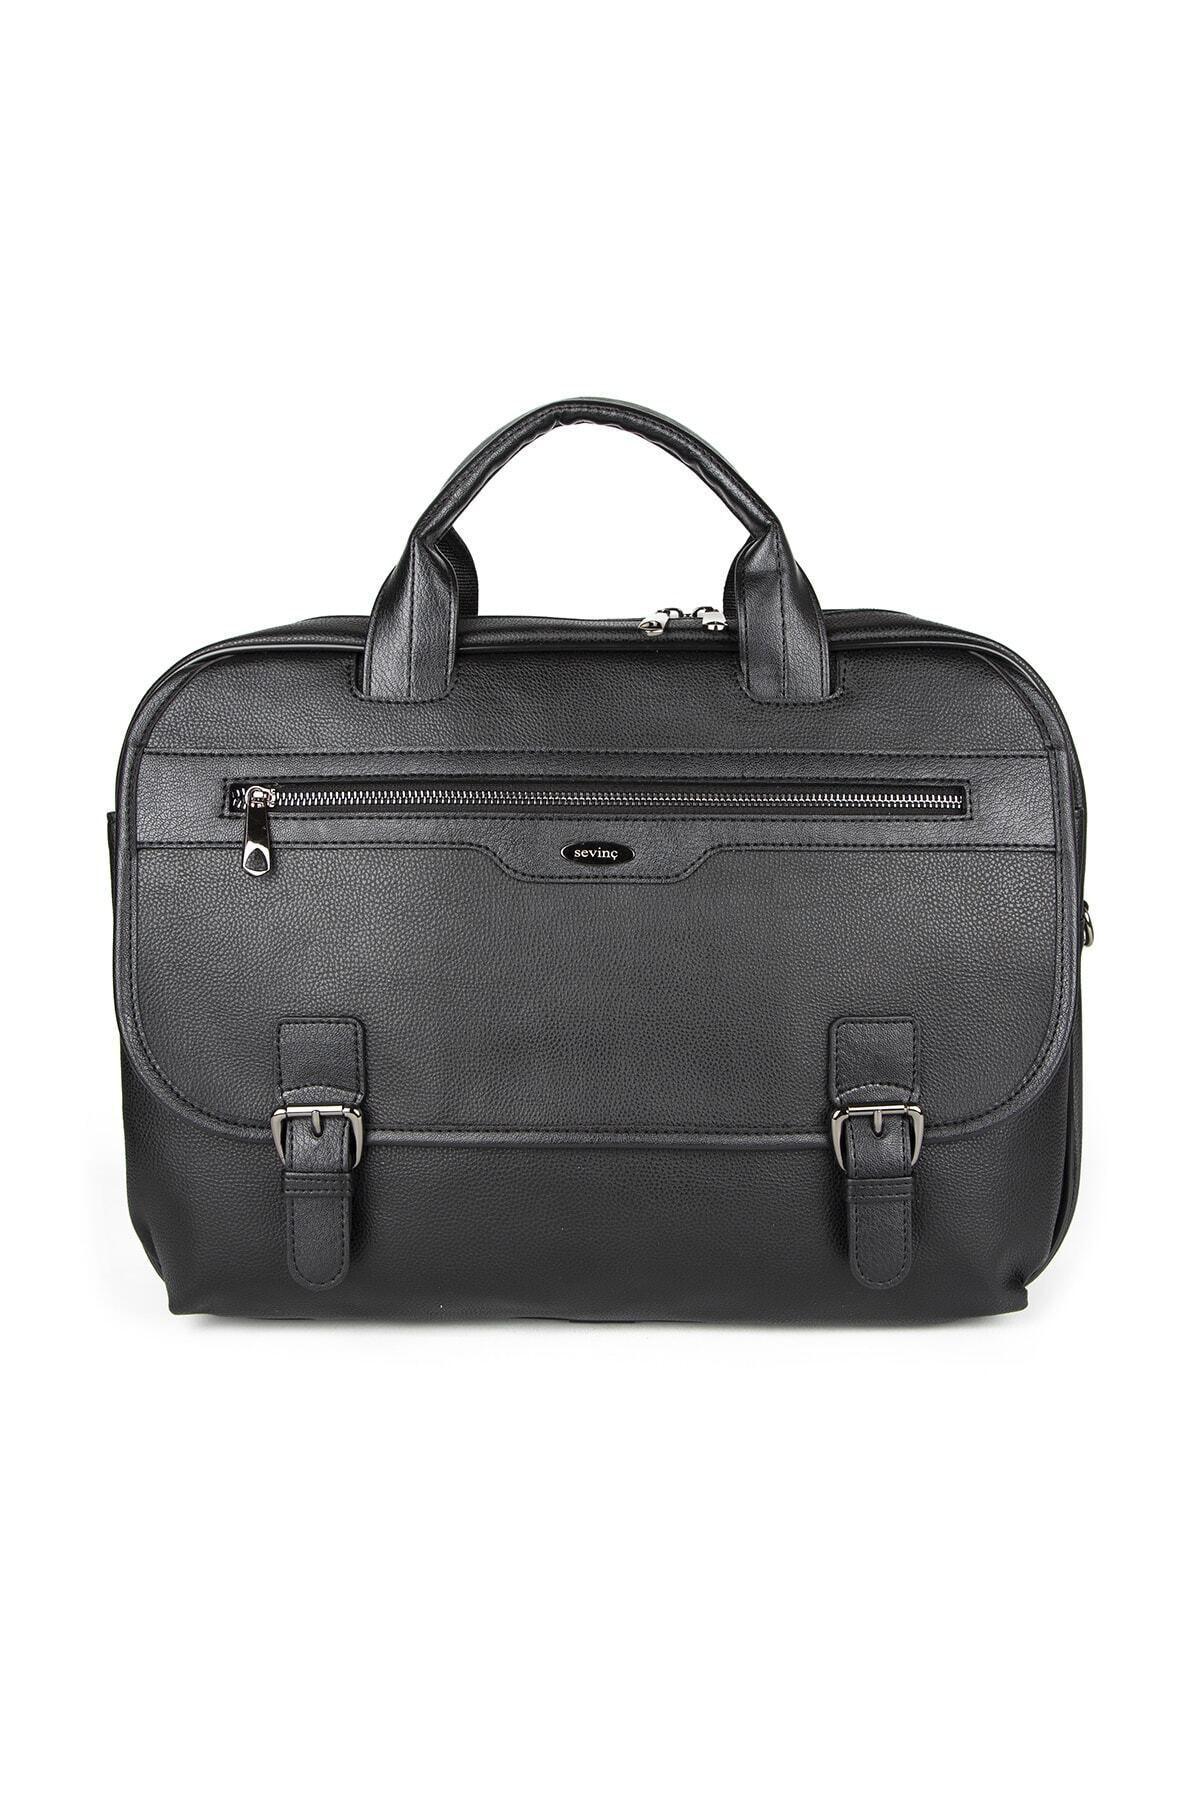 Sevinç Çanta Siyah Laptop Evrak Çantası 1